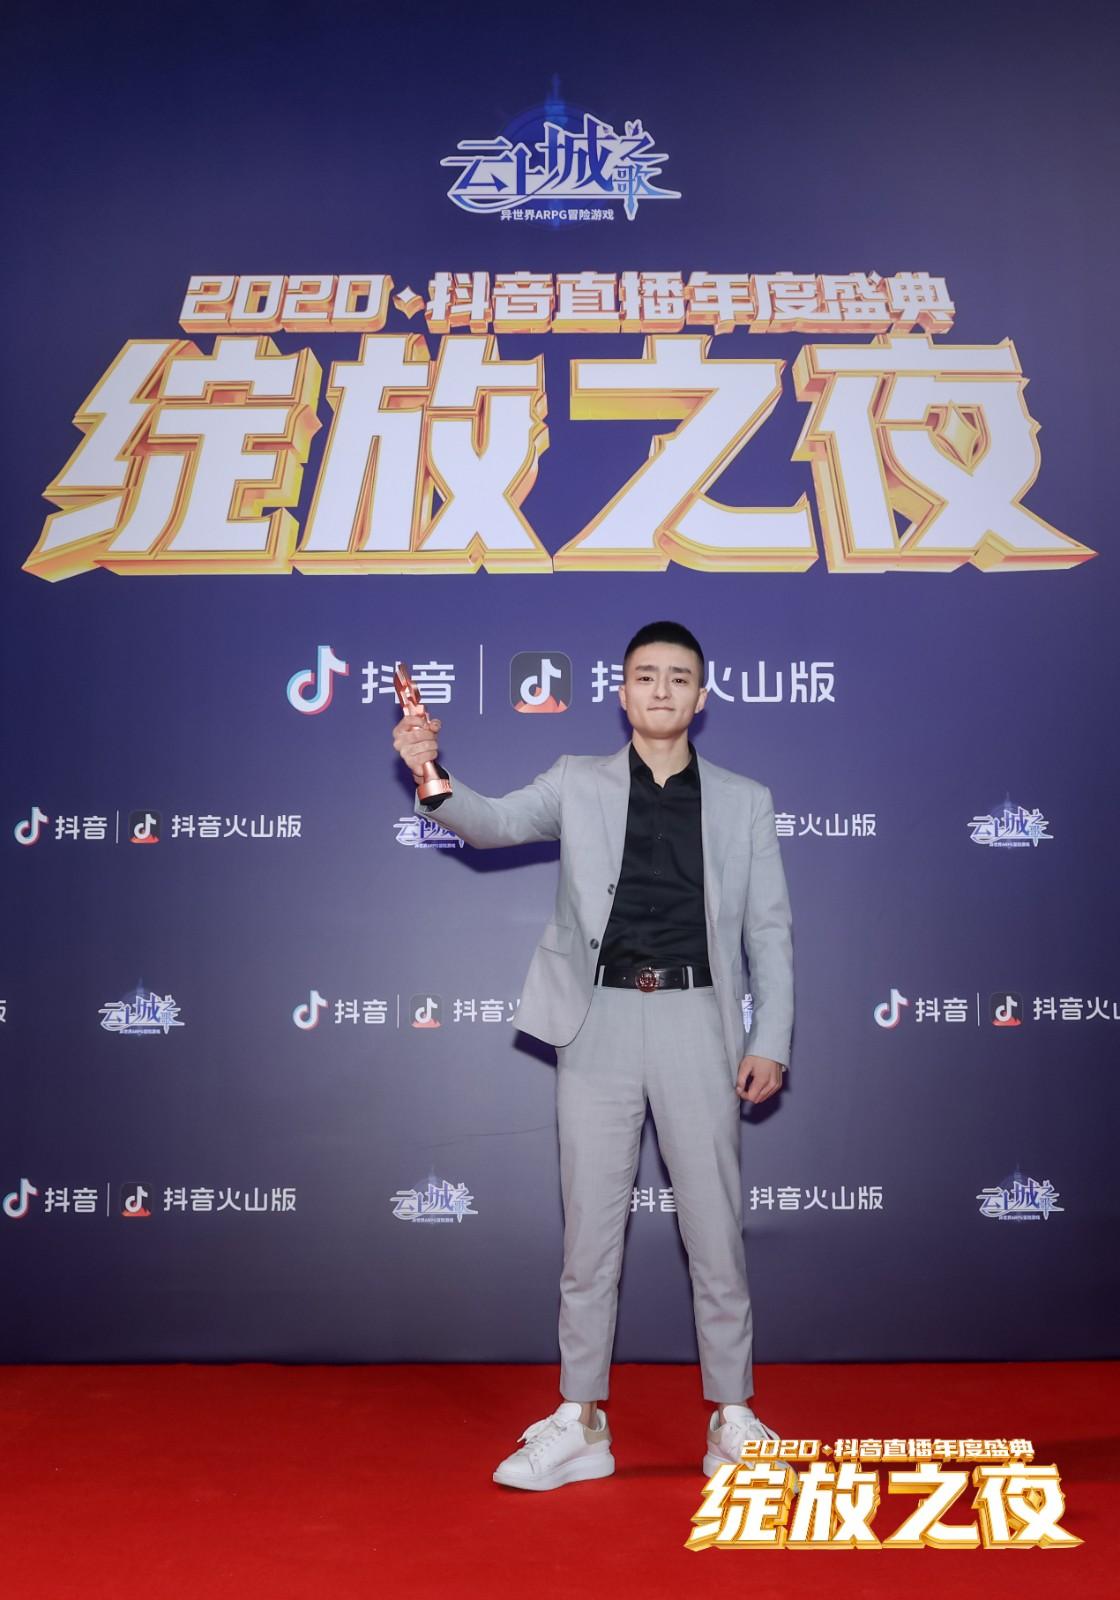 2020抖音直播盛典圆满落幕,OST传媒旗下艺人斩获年度巅峰赛等多类大奖第10张